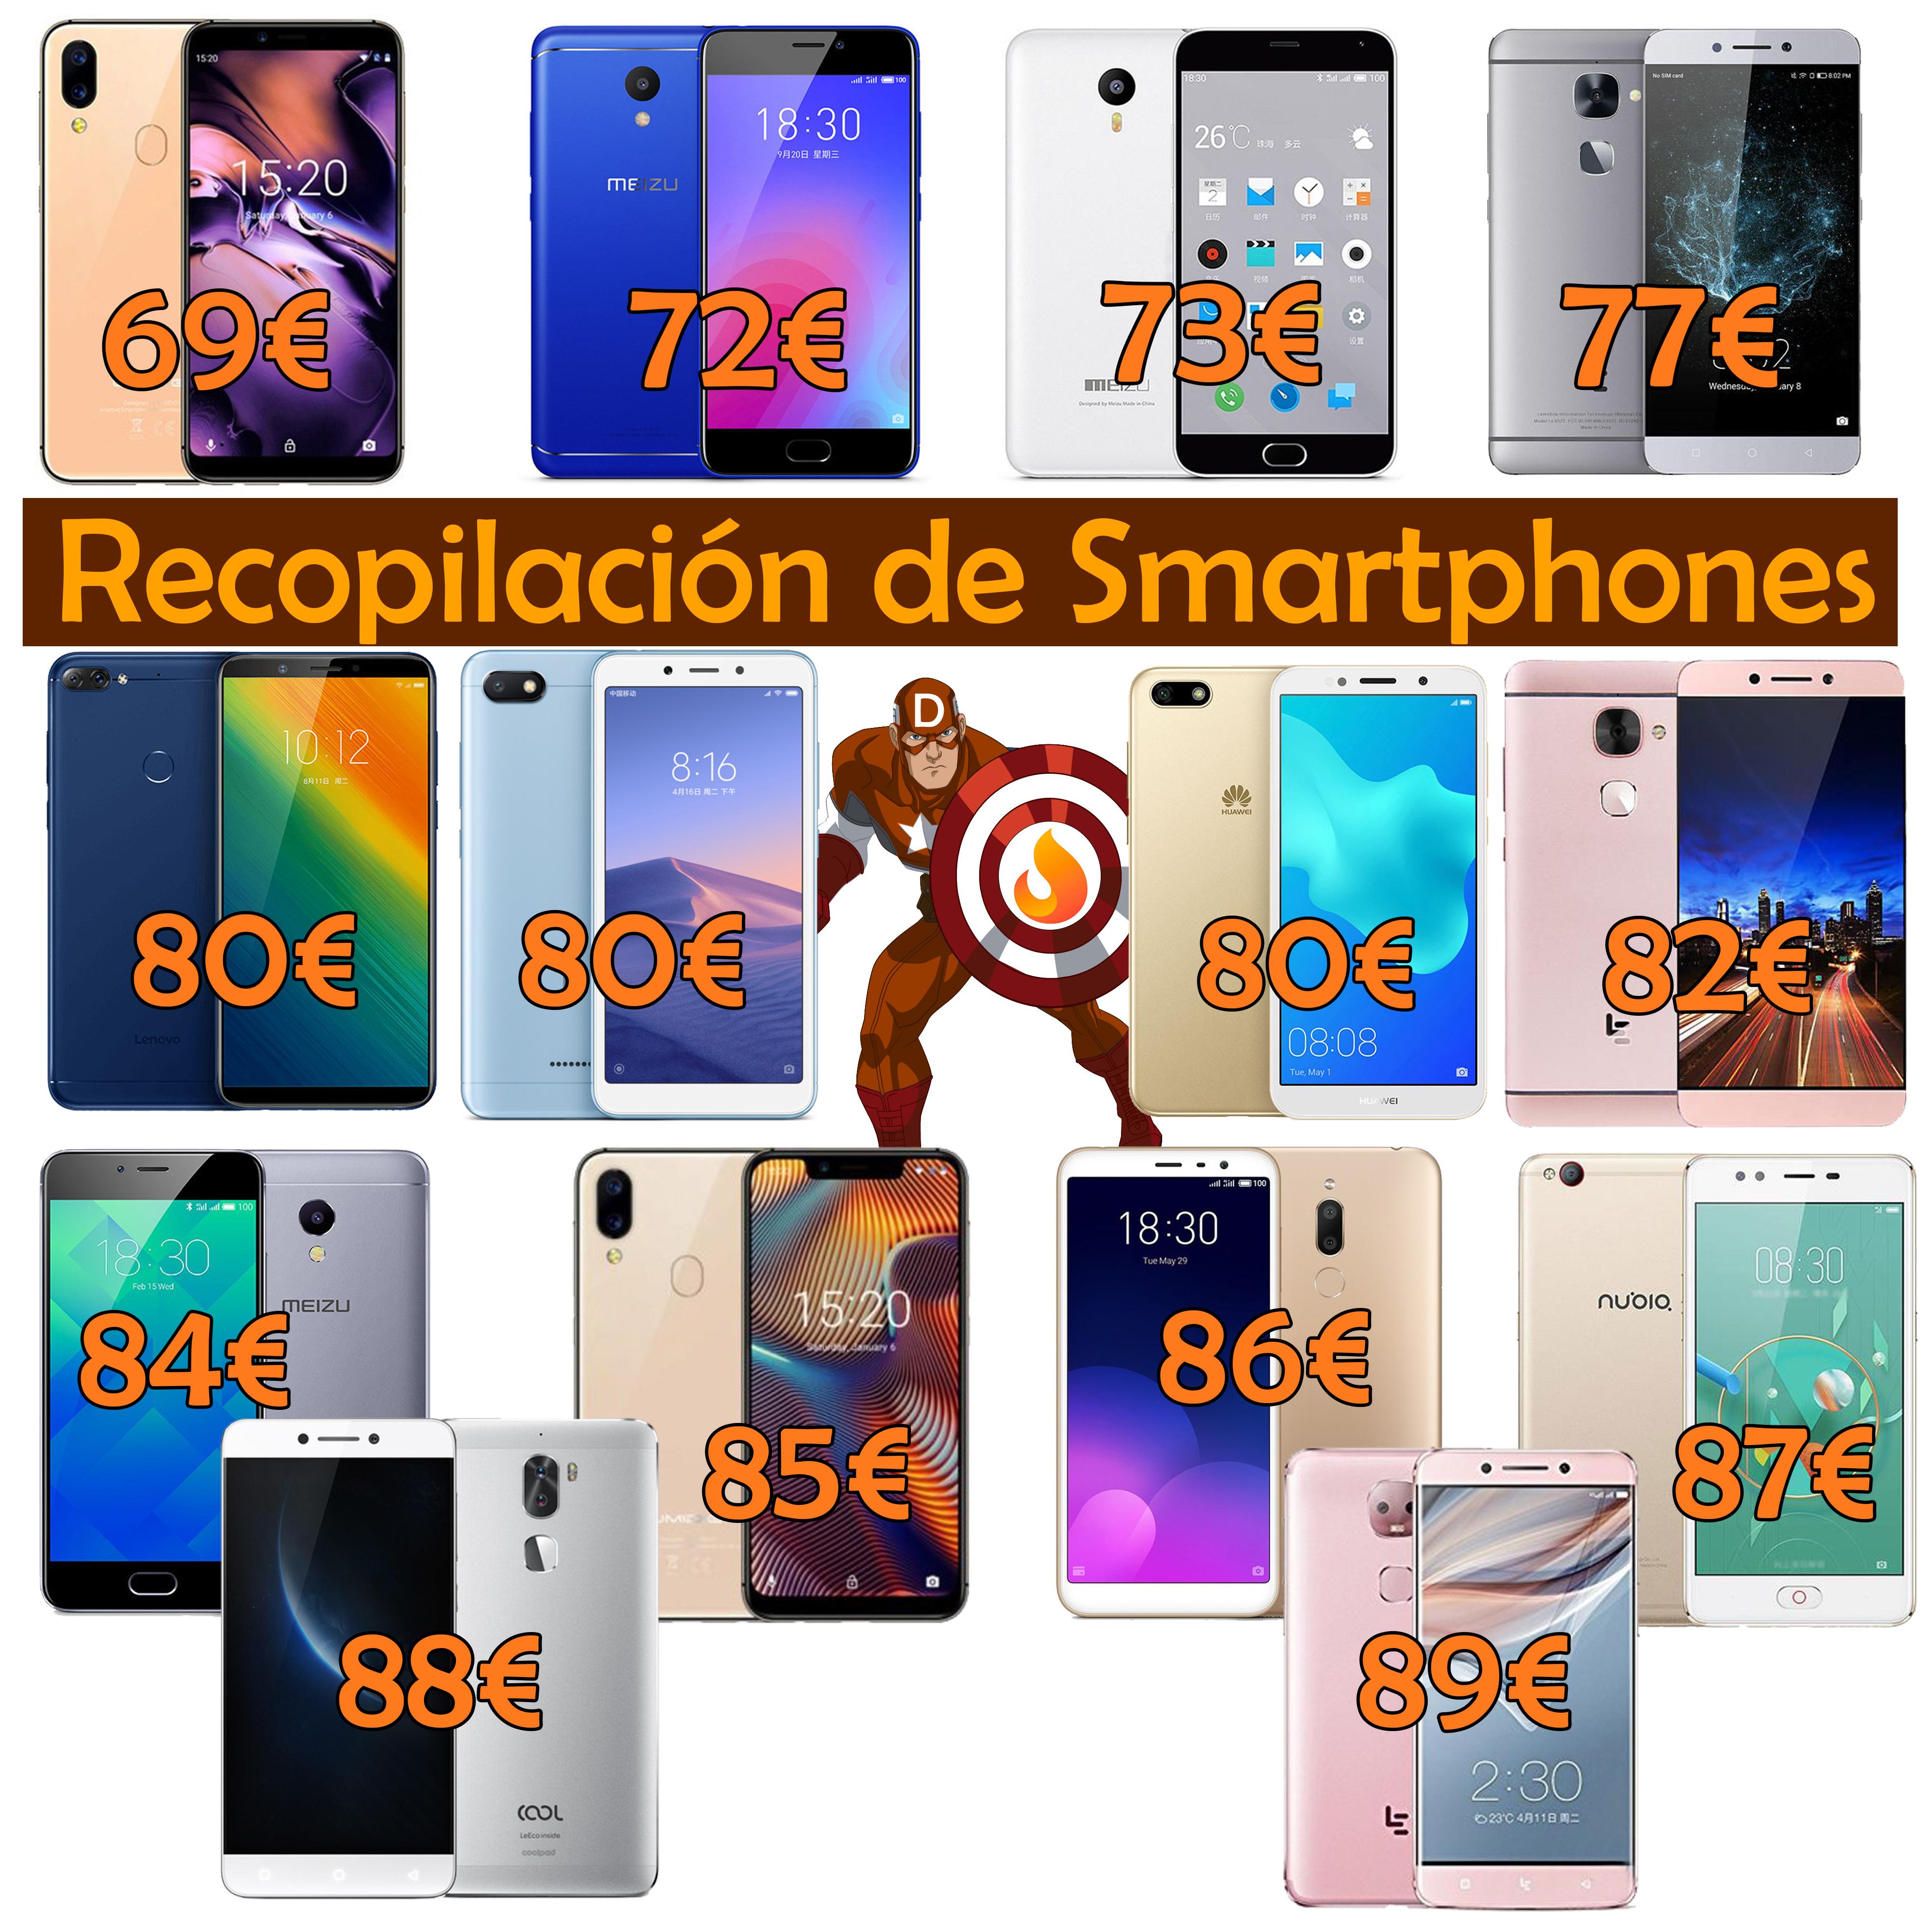 ¡Smartphones buenos y baratísimos a tutiplén! (desde 69€)